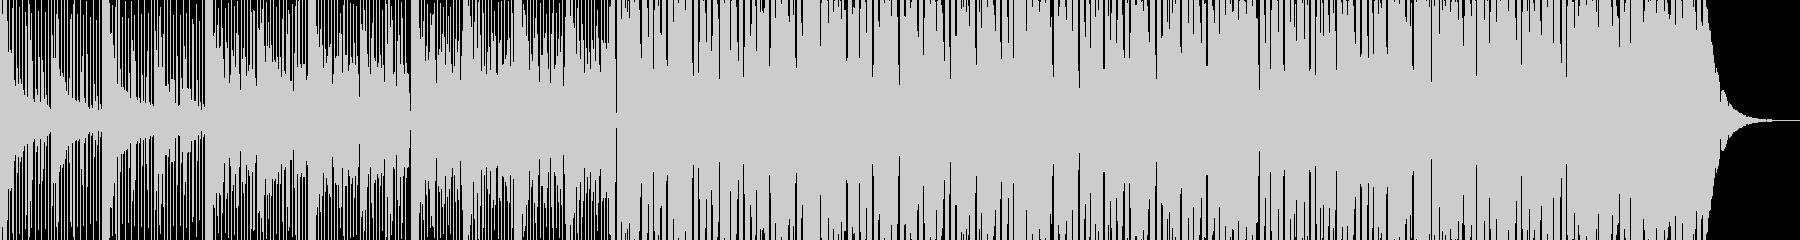 モダンブラジリアンミュージックの未再生の波形